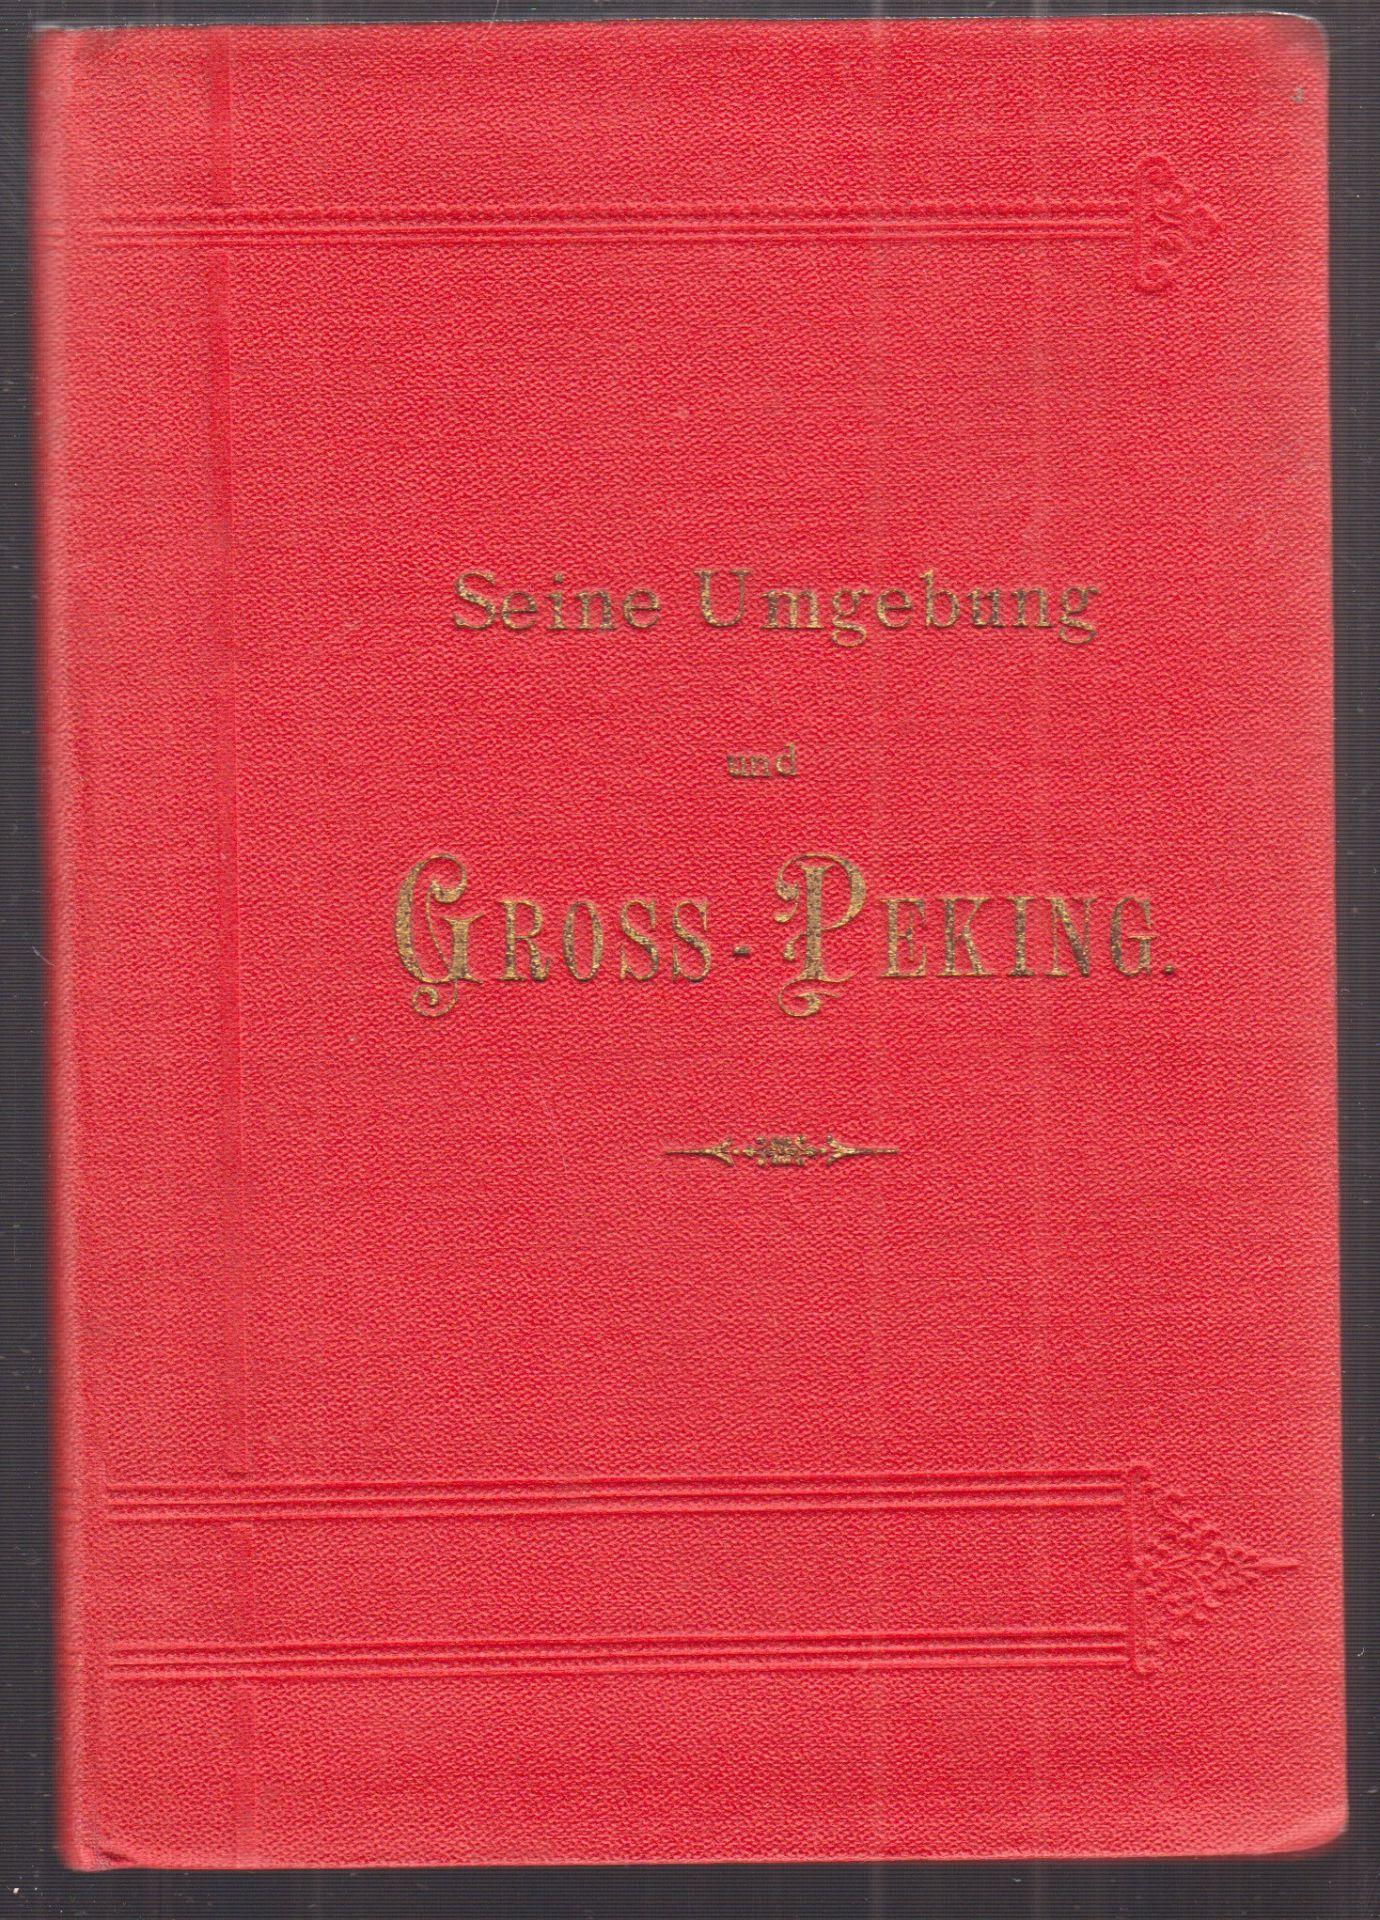 Seine Umgebung und Gross-Peking. Ein Handbuch für Reisende am 29. Februar 1892.